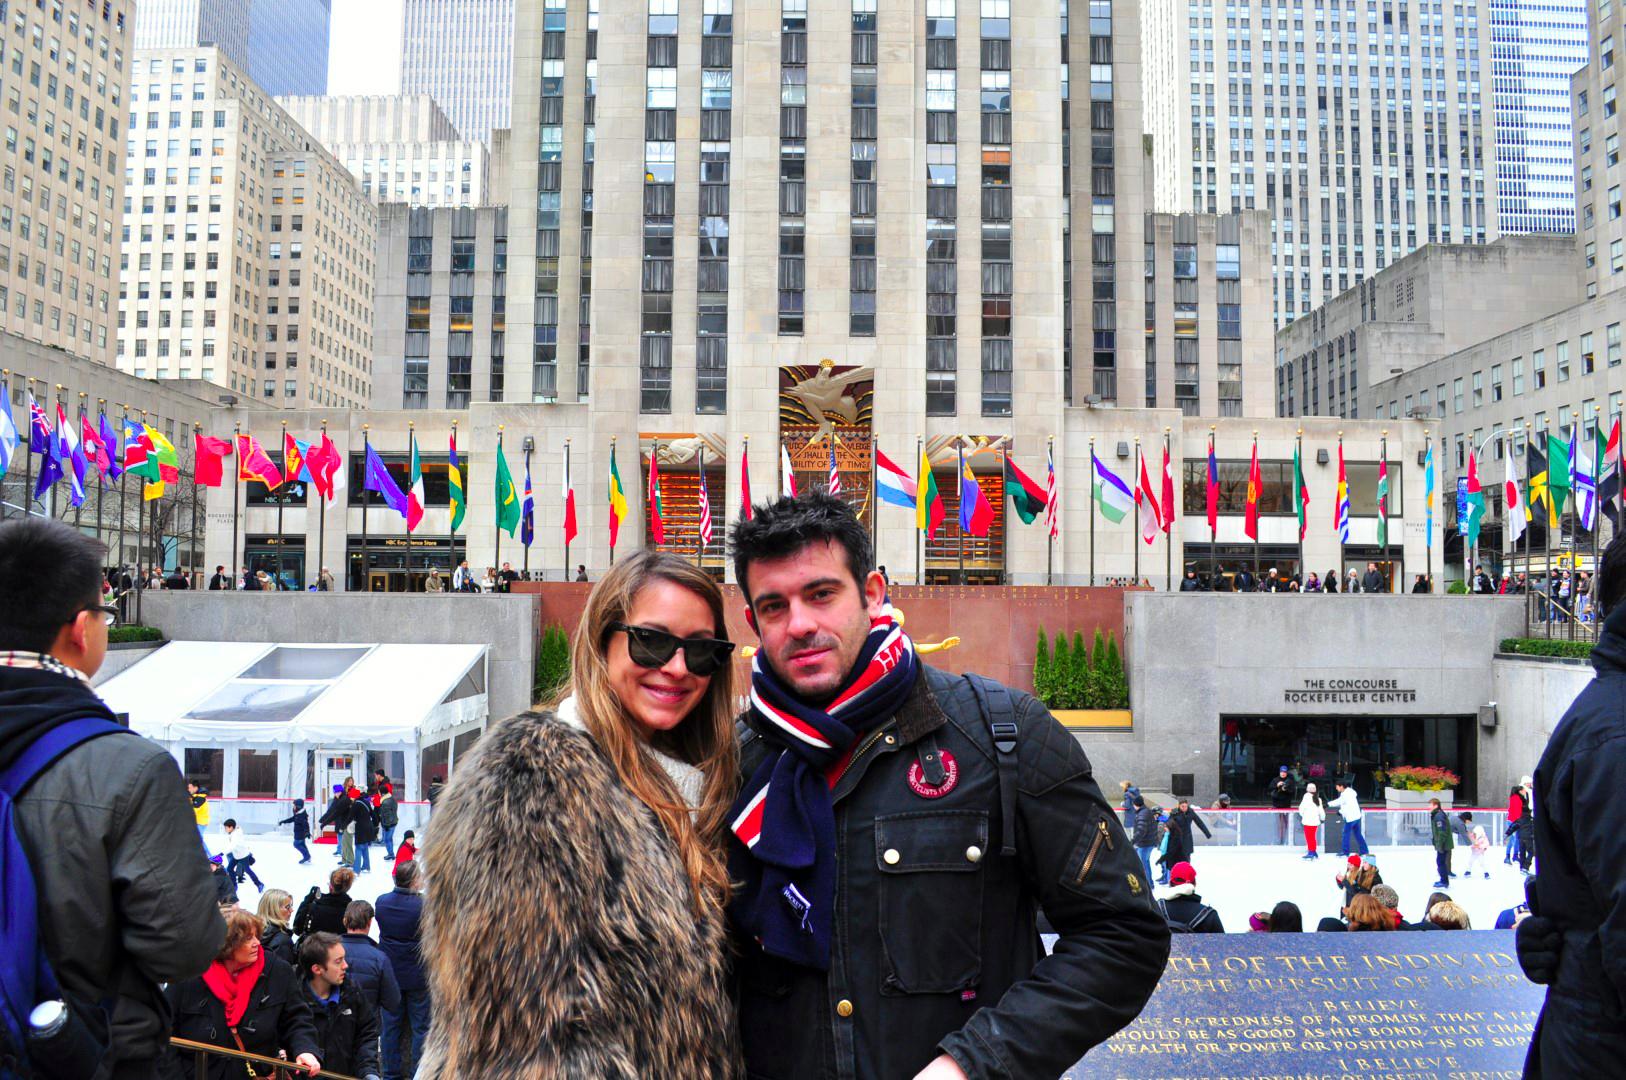 Qué hacer y ver en Nueva York qué hacer y ver en nueva york - 31142706465 2a79c0f511 o - Qué hacer y ver en Nueva York